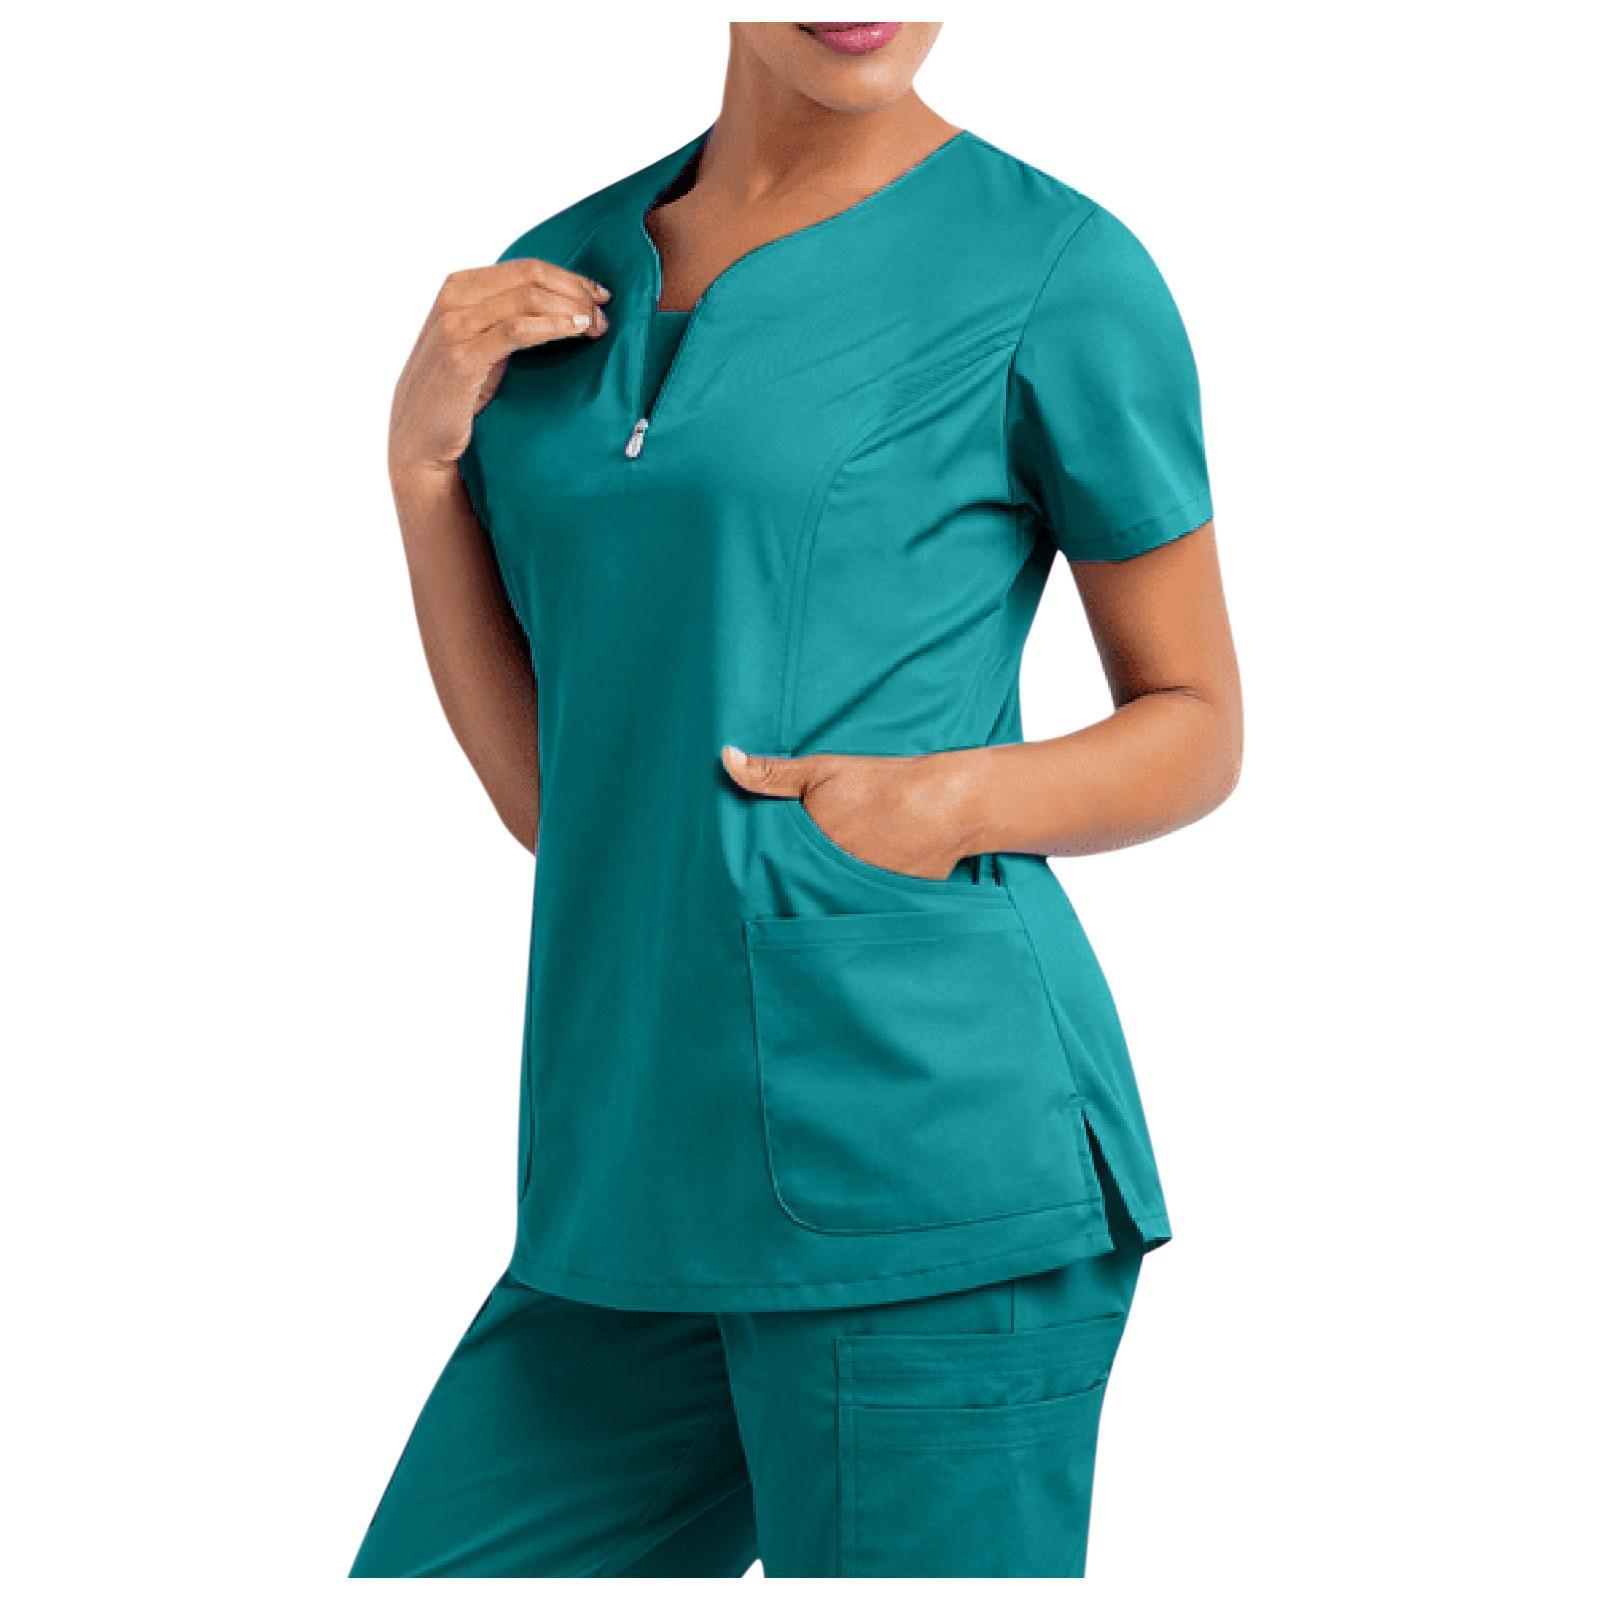 Workwear Kadınlar Sağlık İşçileri Üniforma Femme Güzellik Salonu Giysi Hemşirelik Scrub Gömlek Hemşire Tops Hemşirelik Çalışma Üniforma Hemsire